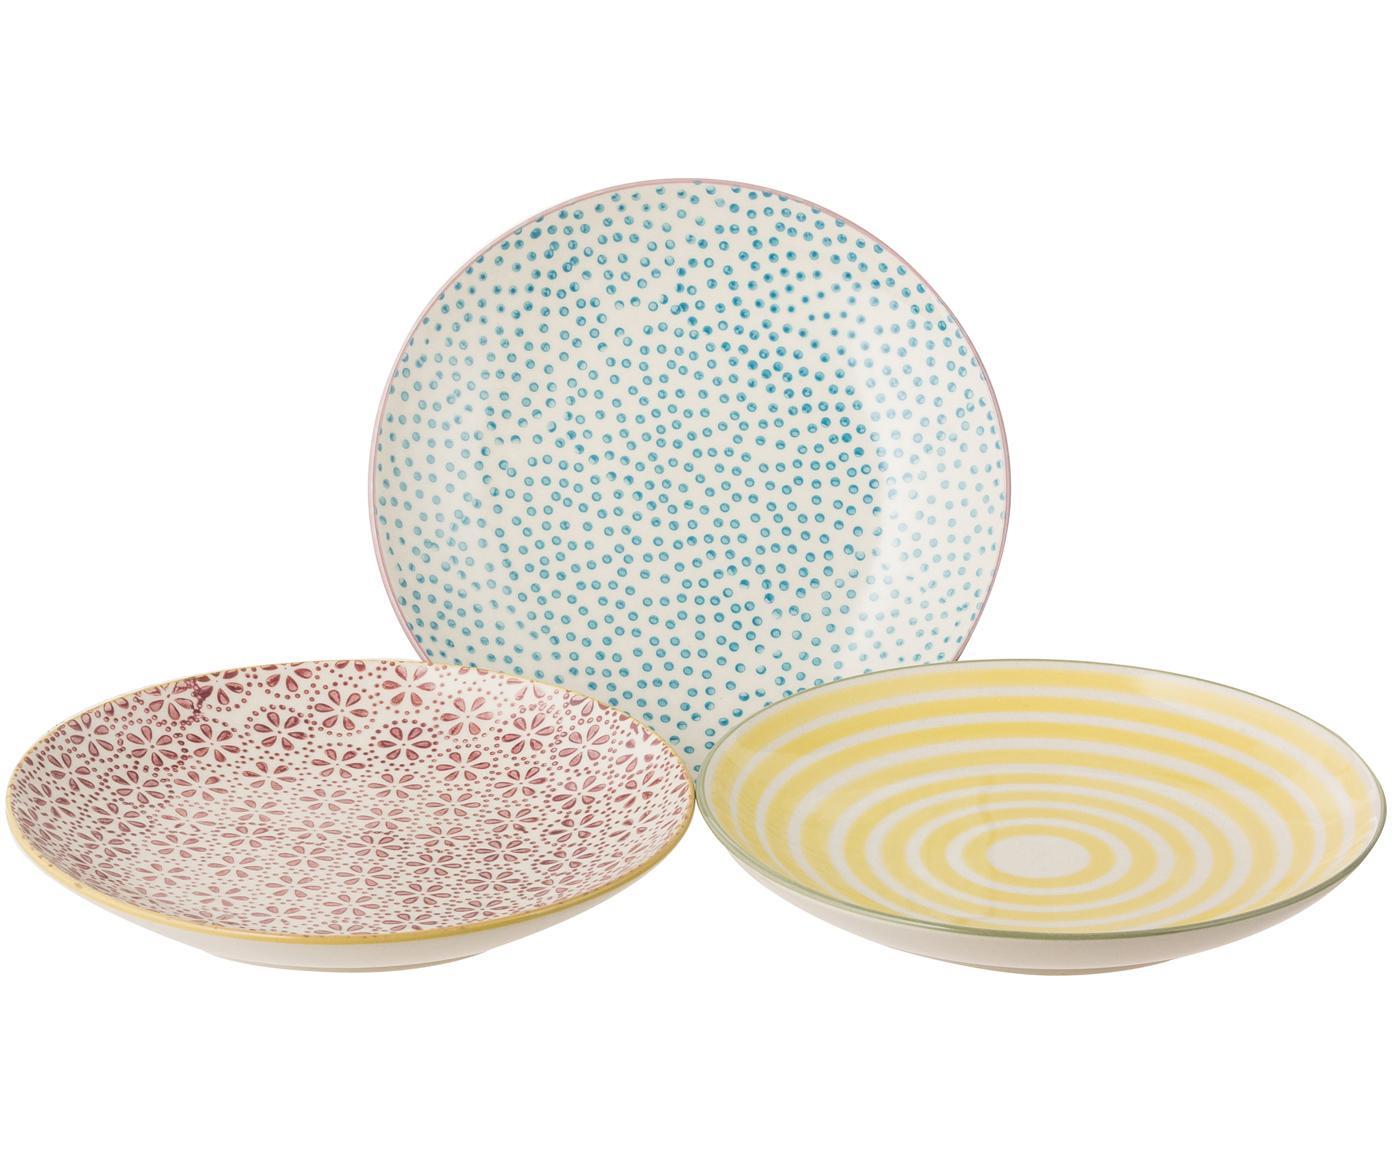 Platos de pan Holly, 3uds., Gres, Multicolor, Ø 16 cm